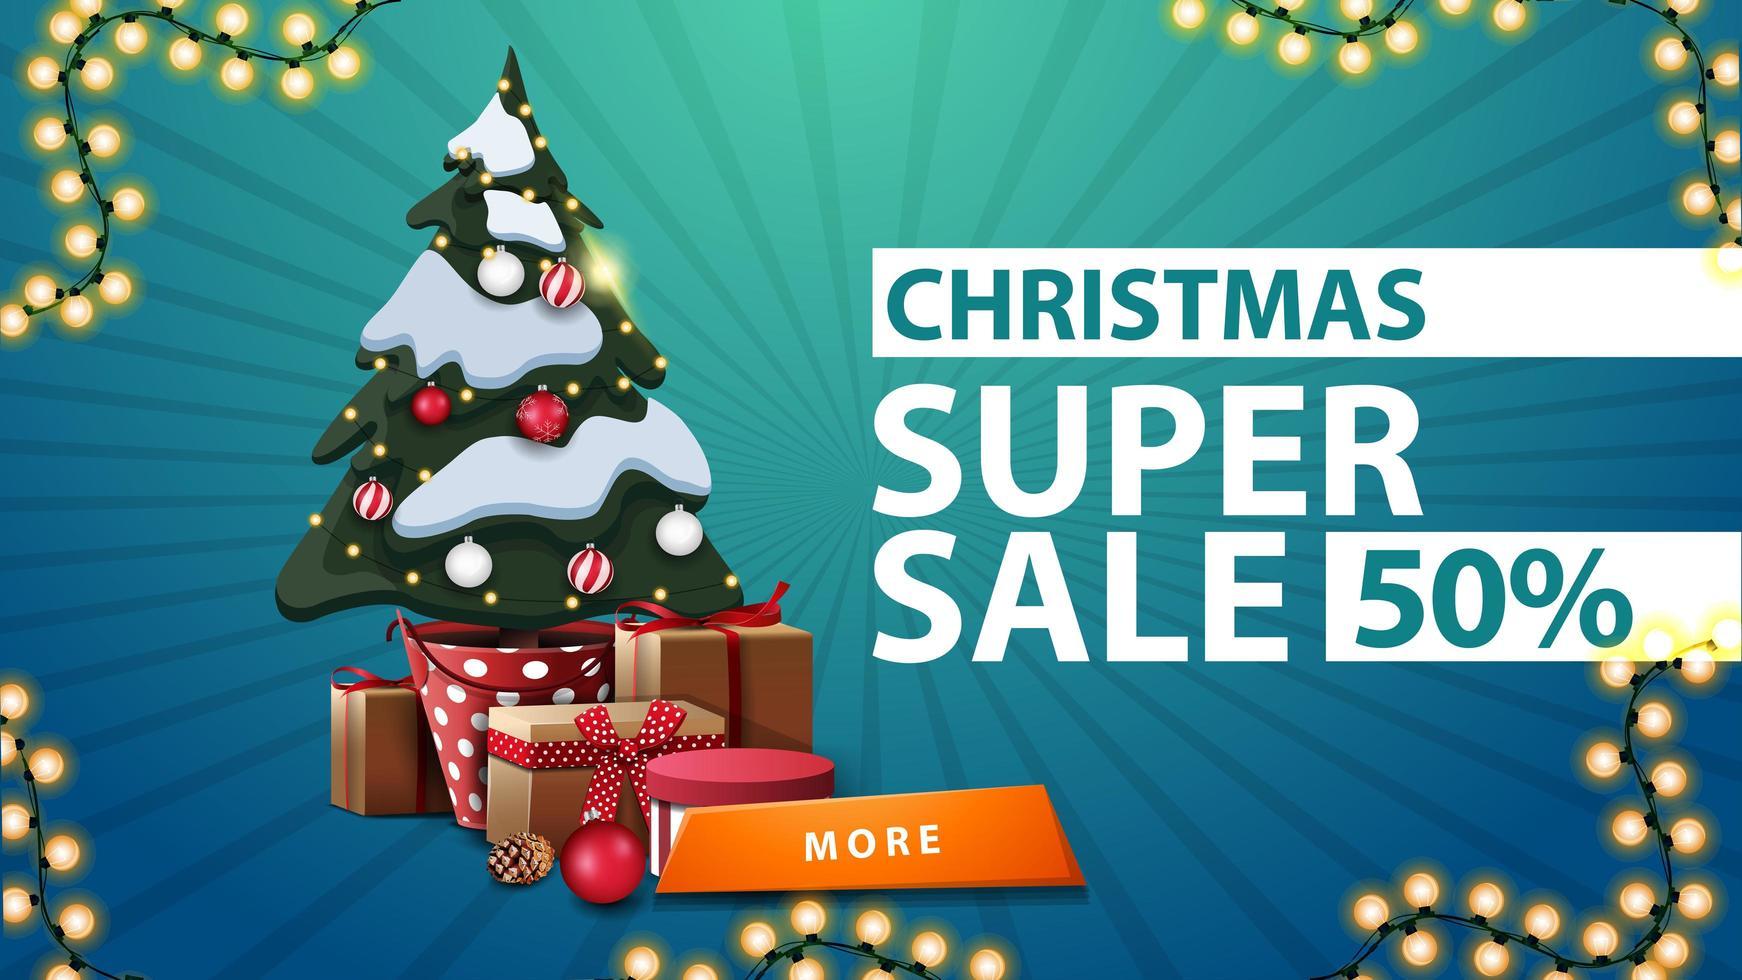 Super vente de Noël, jusqu'à 50 de réduction, bannière de réduction bleue avec arbre de Noël dans un pot avec des cadeaux et bouton orange vecteur